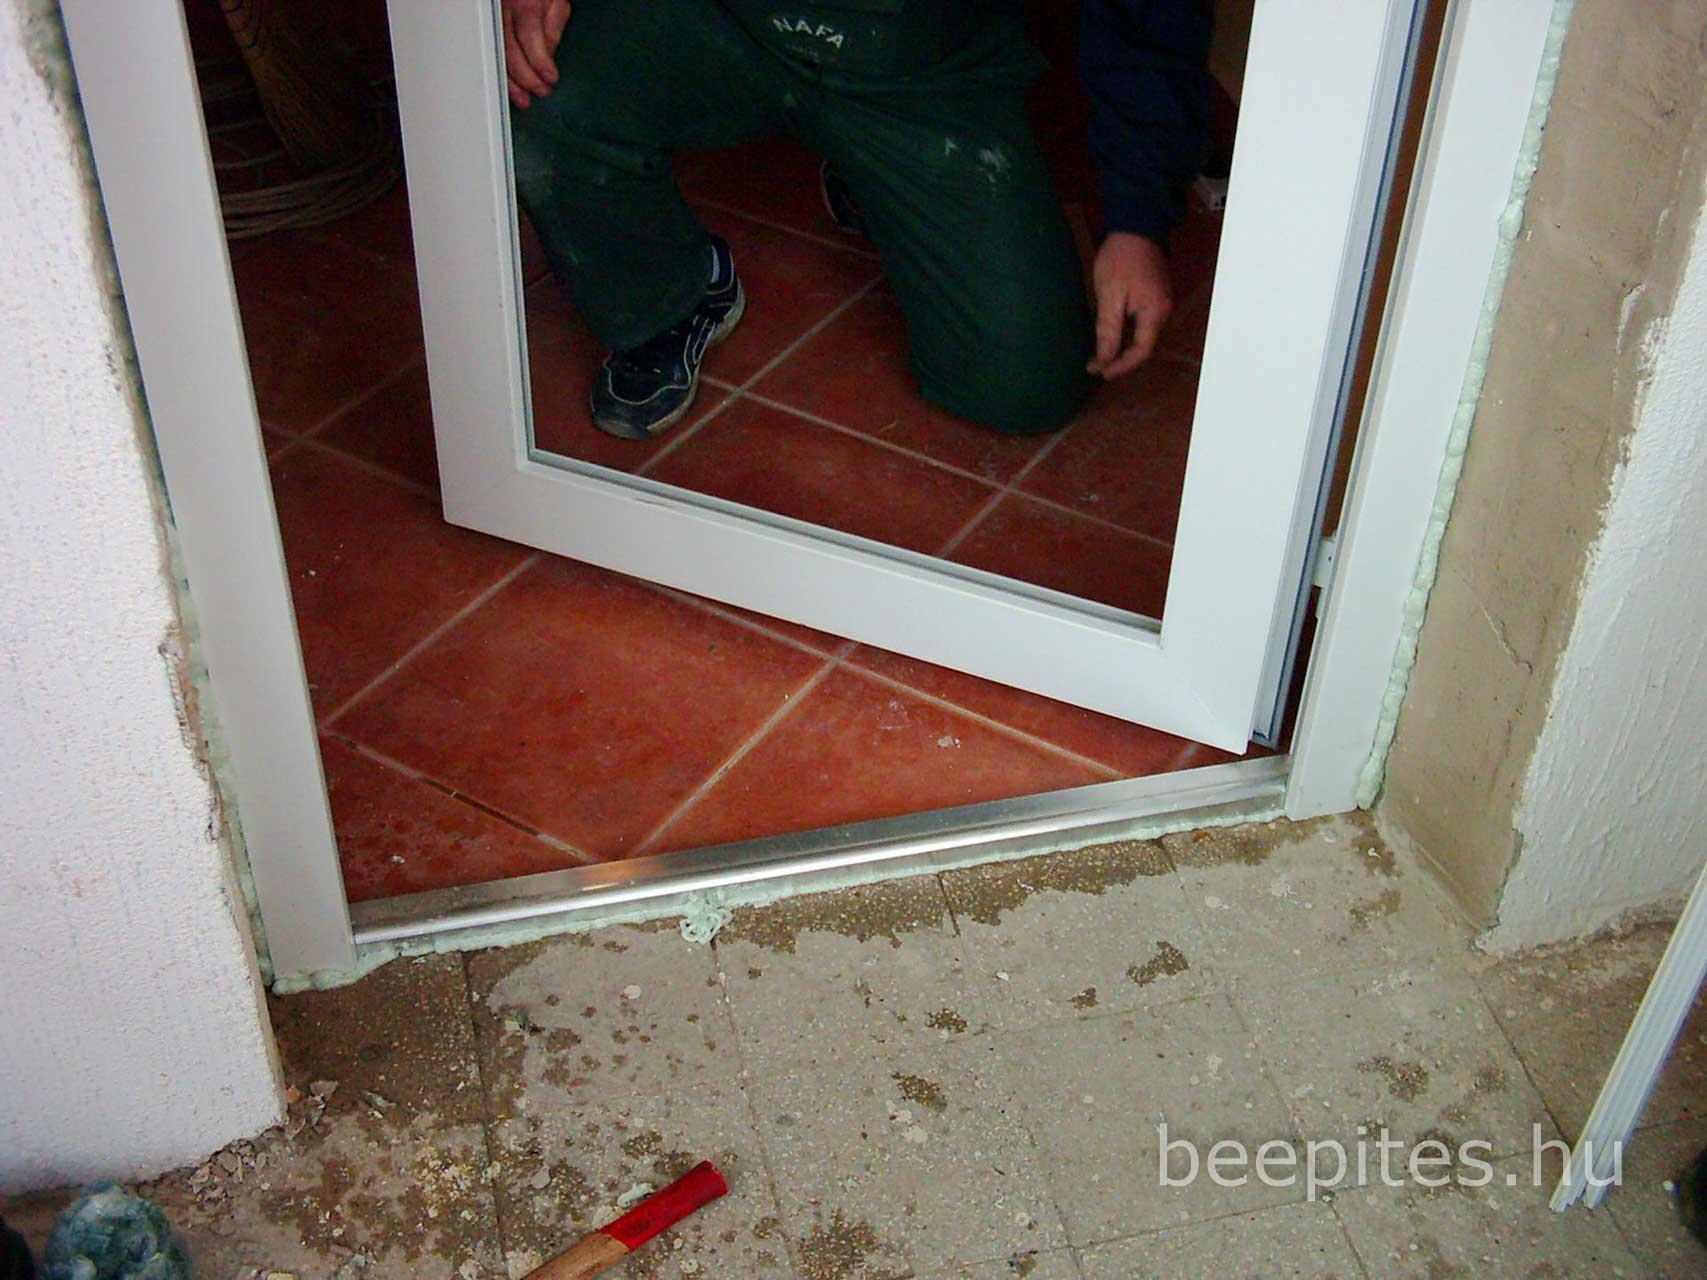 Nyílászáró, ajtó, ablak beépítés NAFA Kft. Vakolt falnyílásba